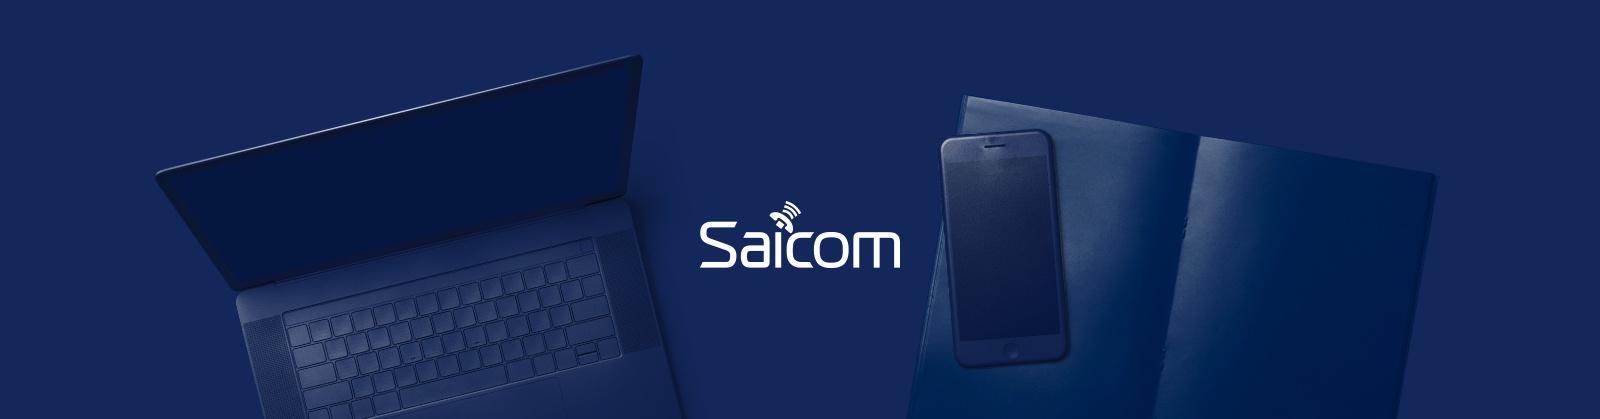 Saicom.jpg